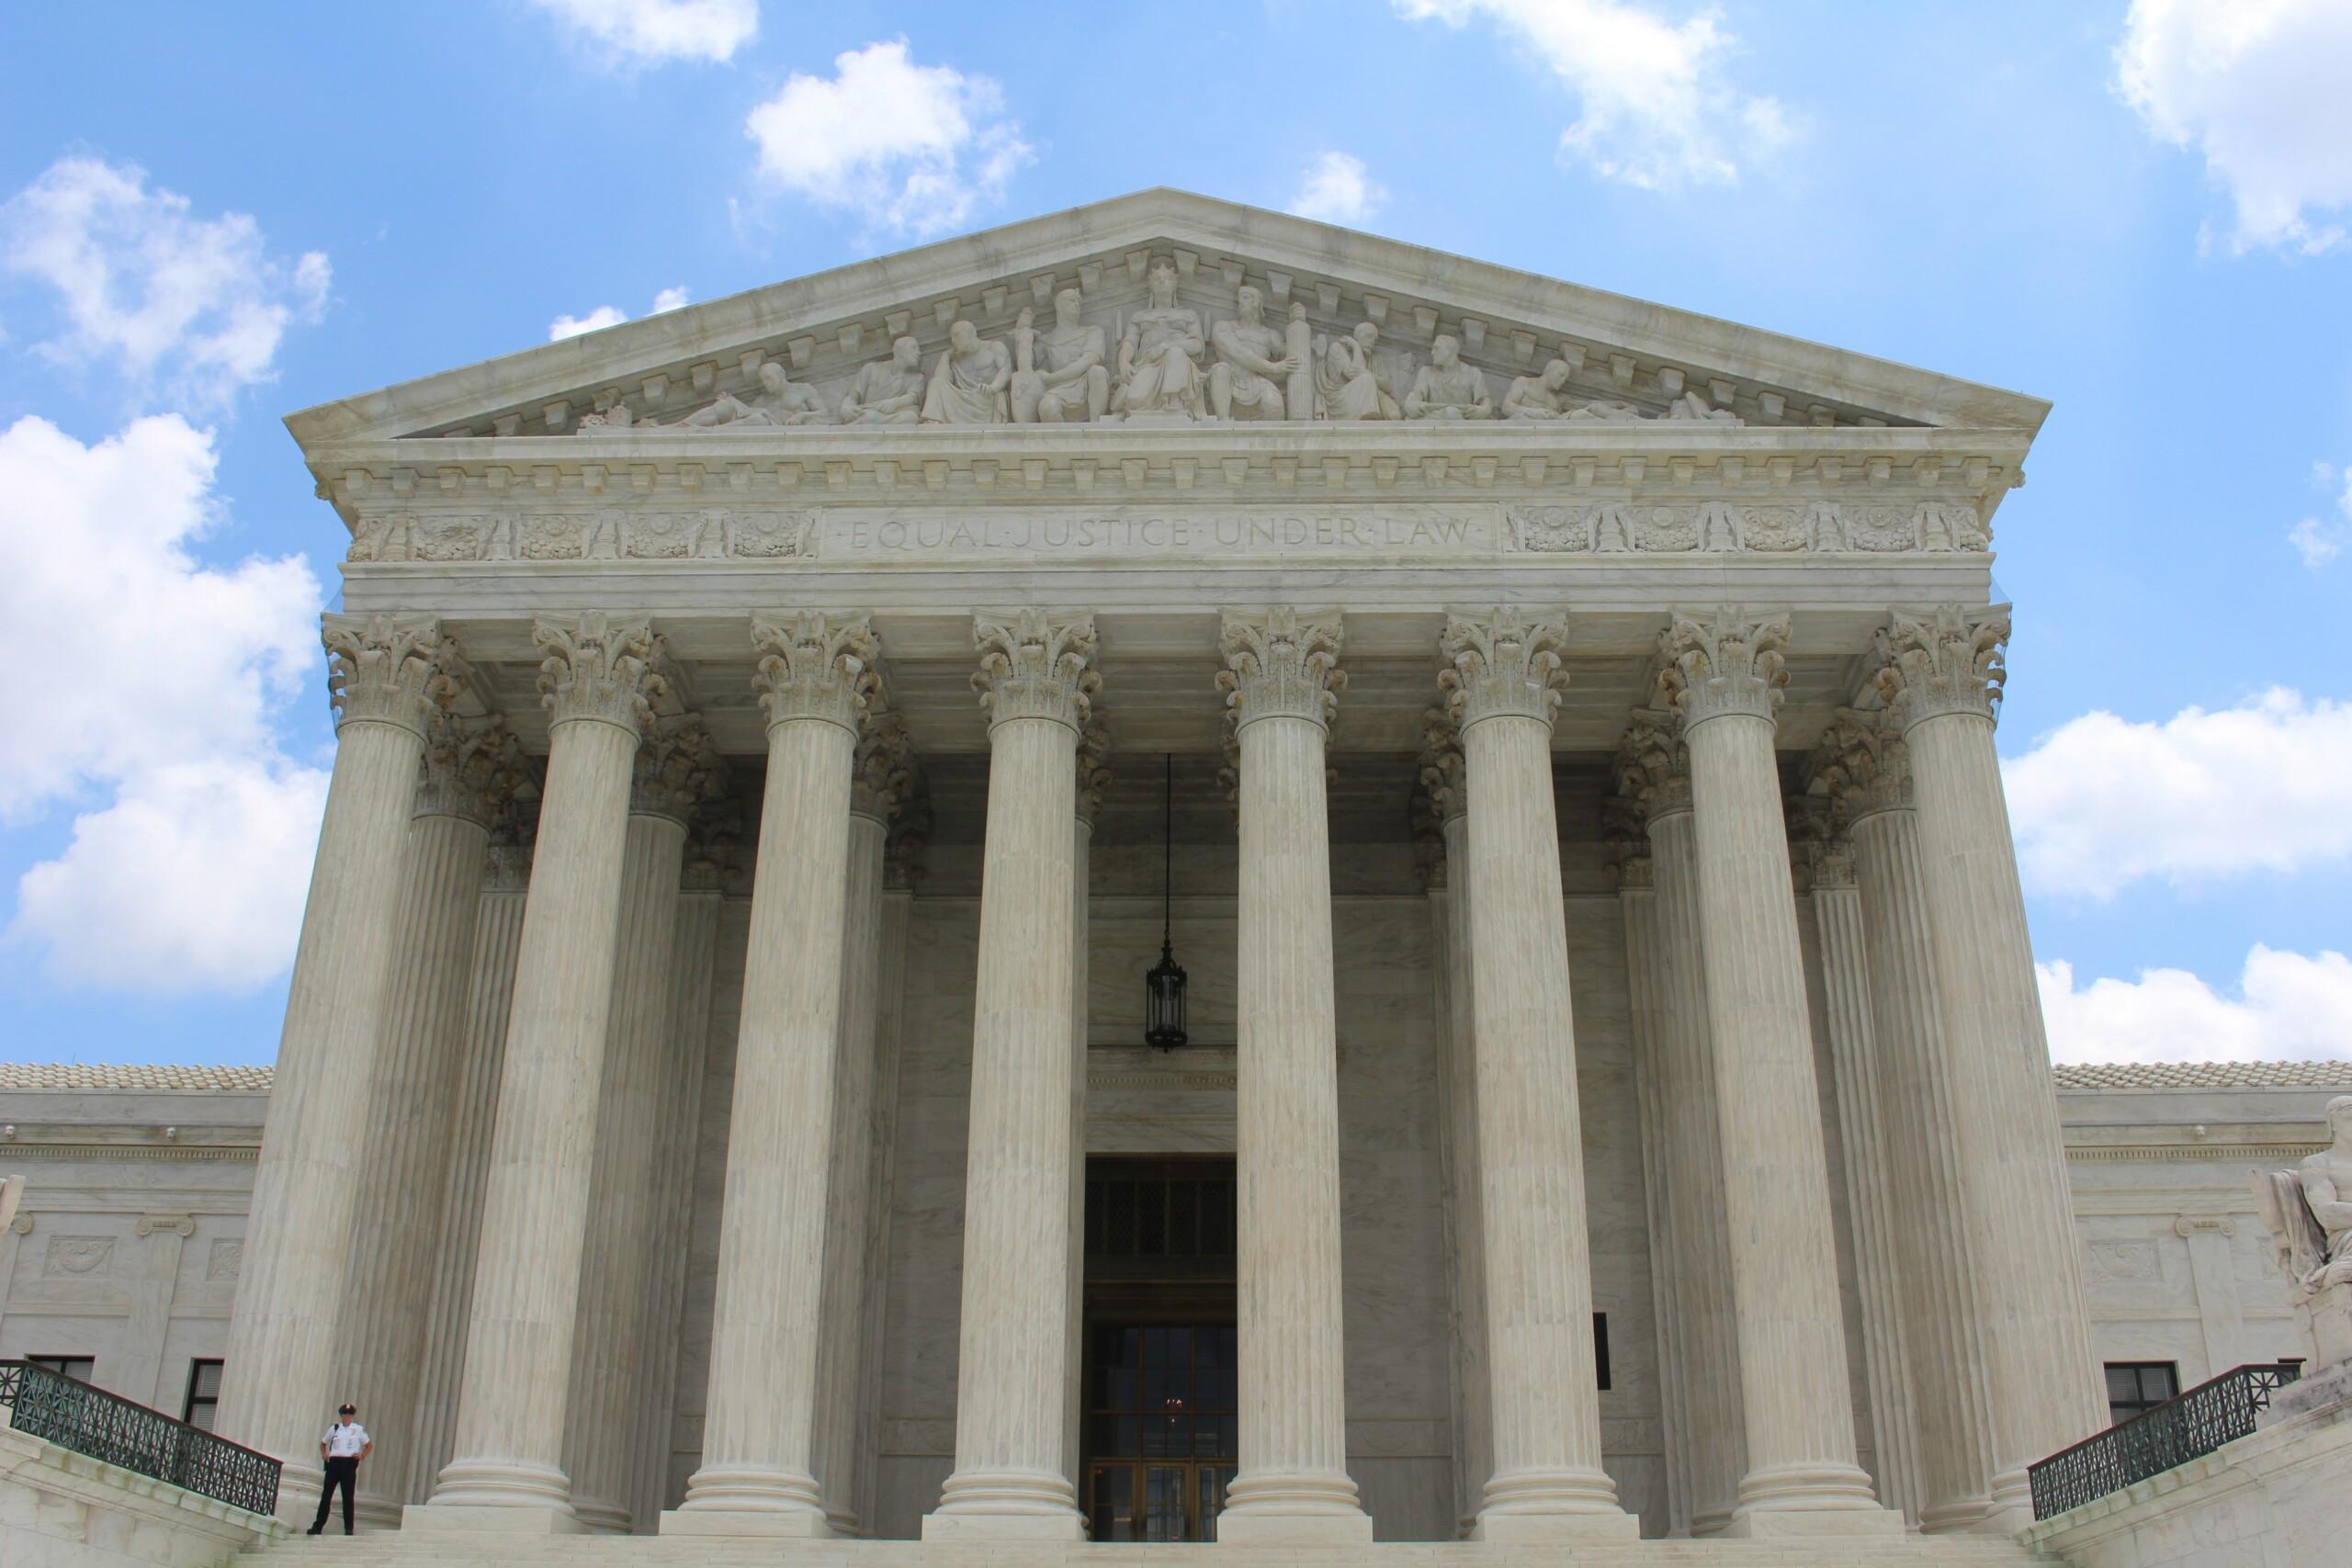 Après plus de 10 ans de procès, Google gagne sa bataille juridique face à Oracle